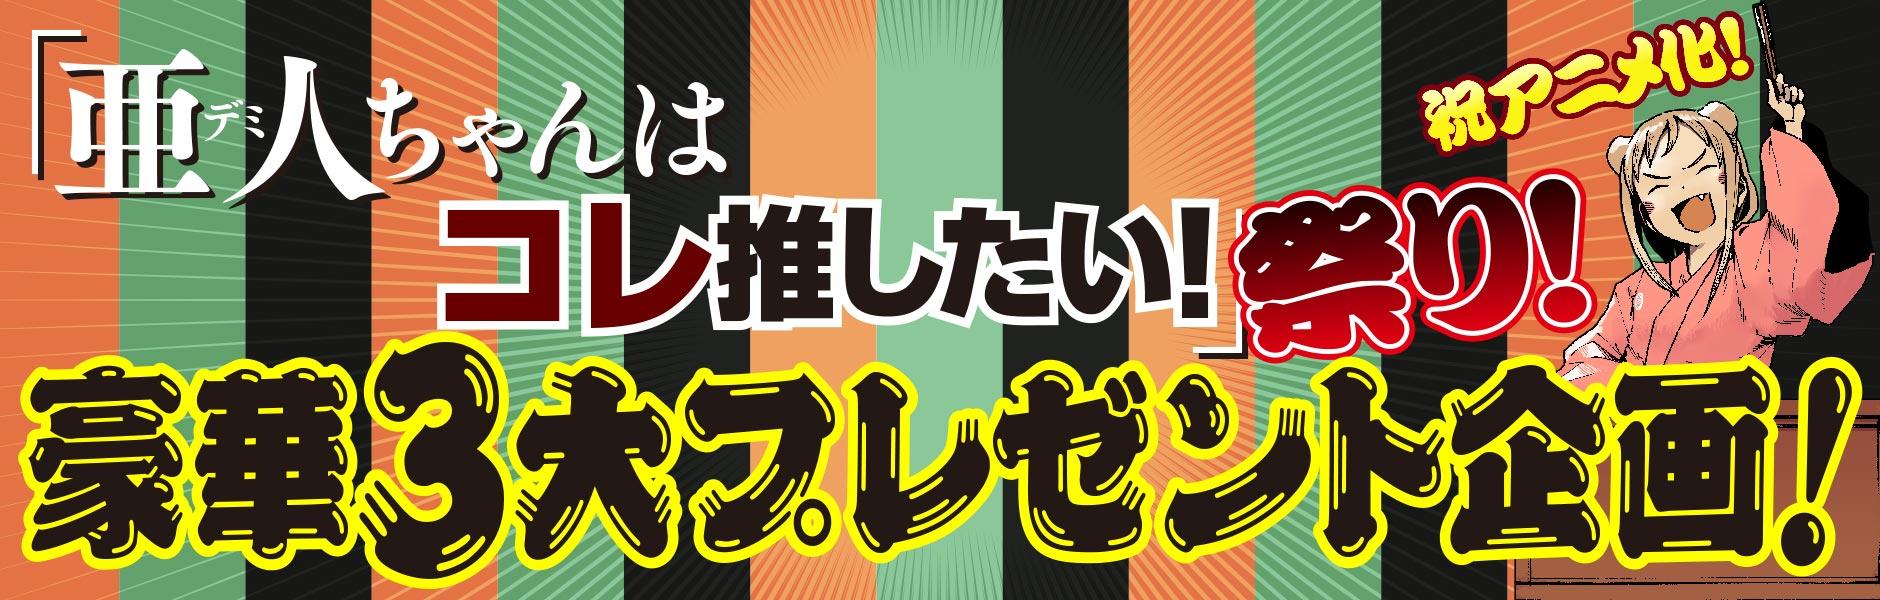 「亜人ちゃんはコレ推したい!」祭り!